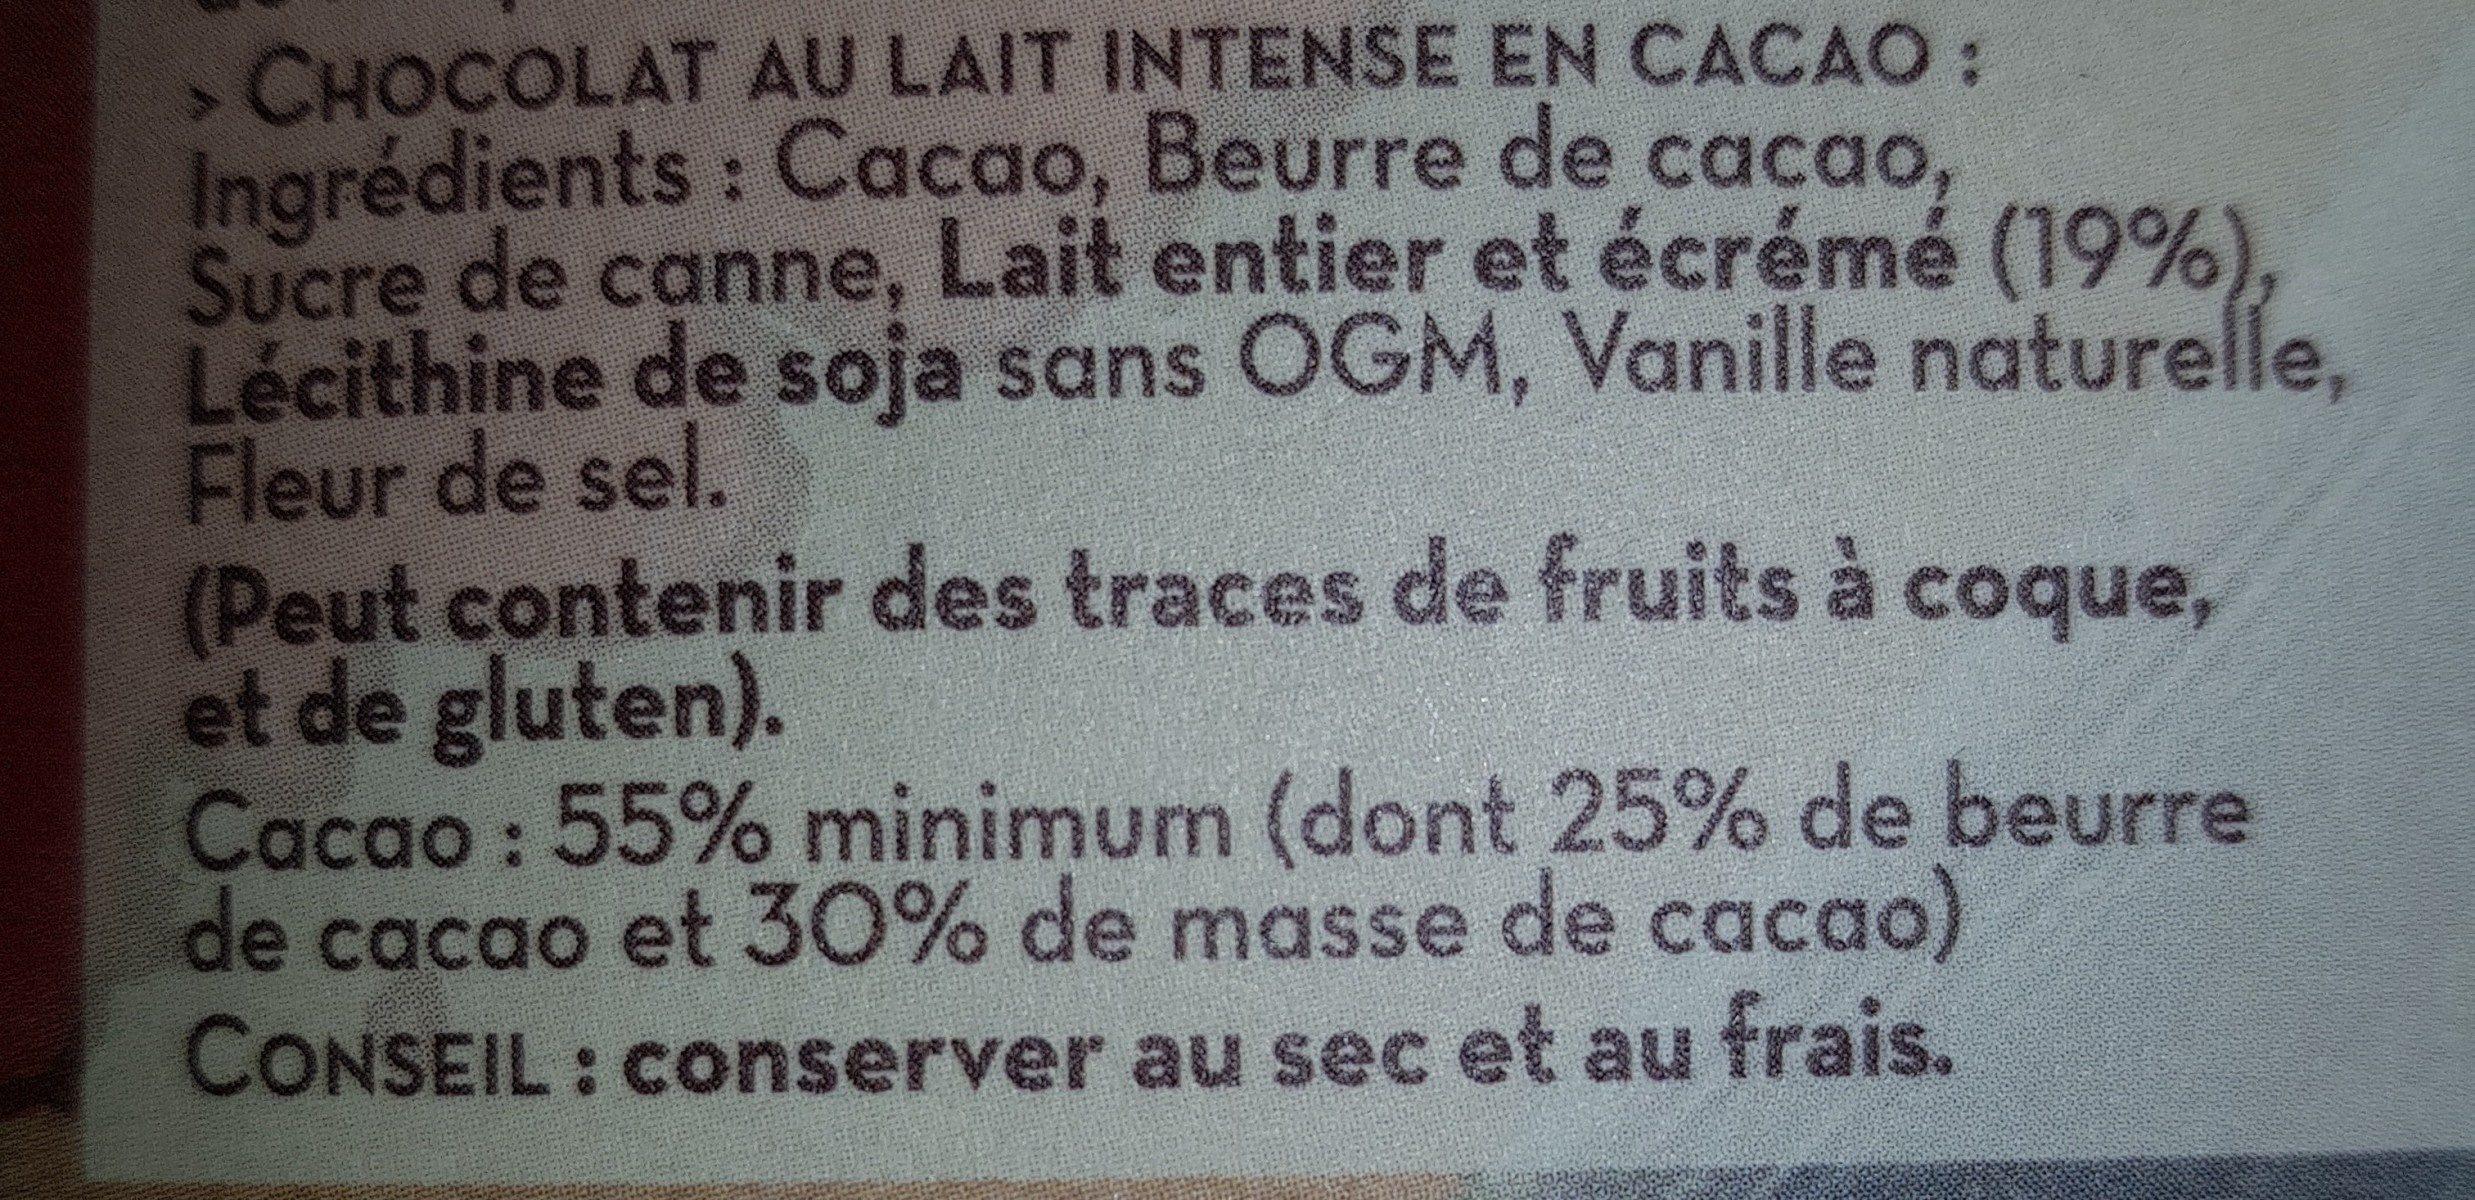 Lait intense en cacao - Ingrédients - fr